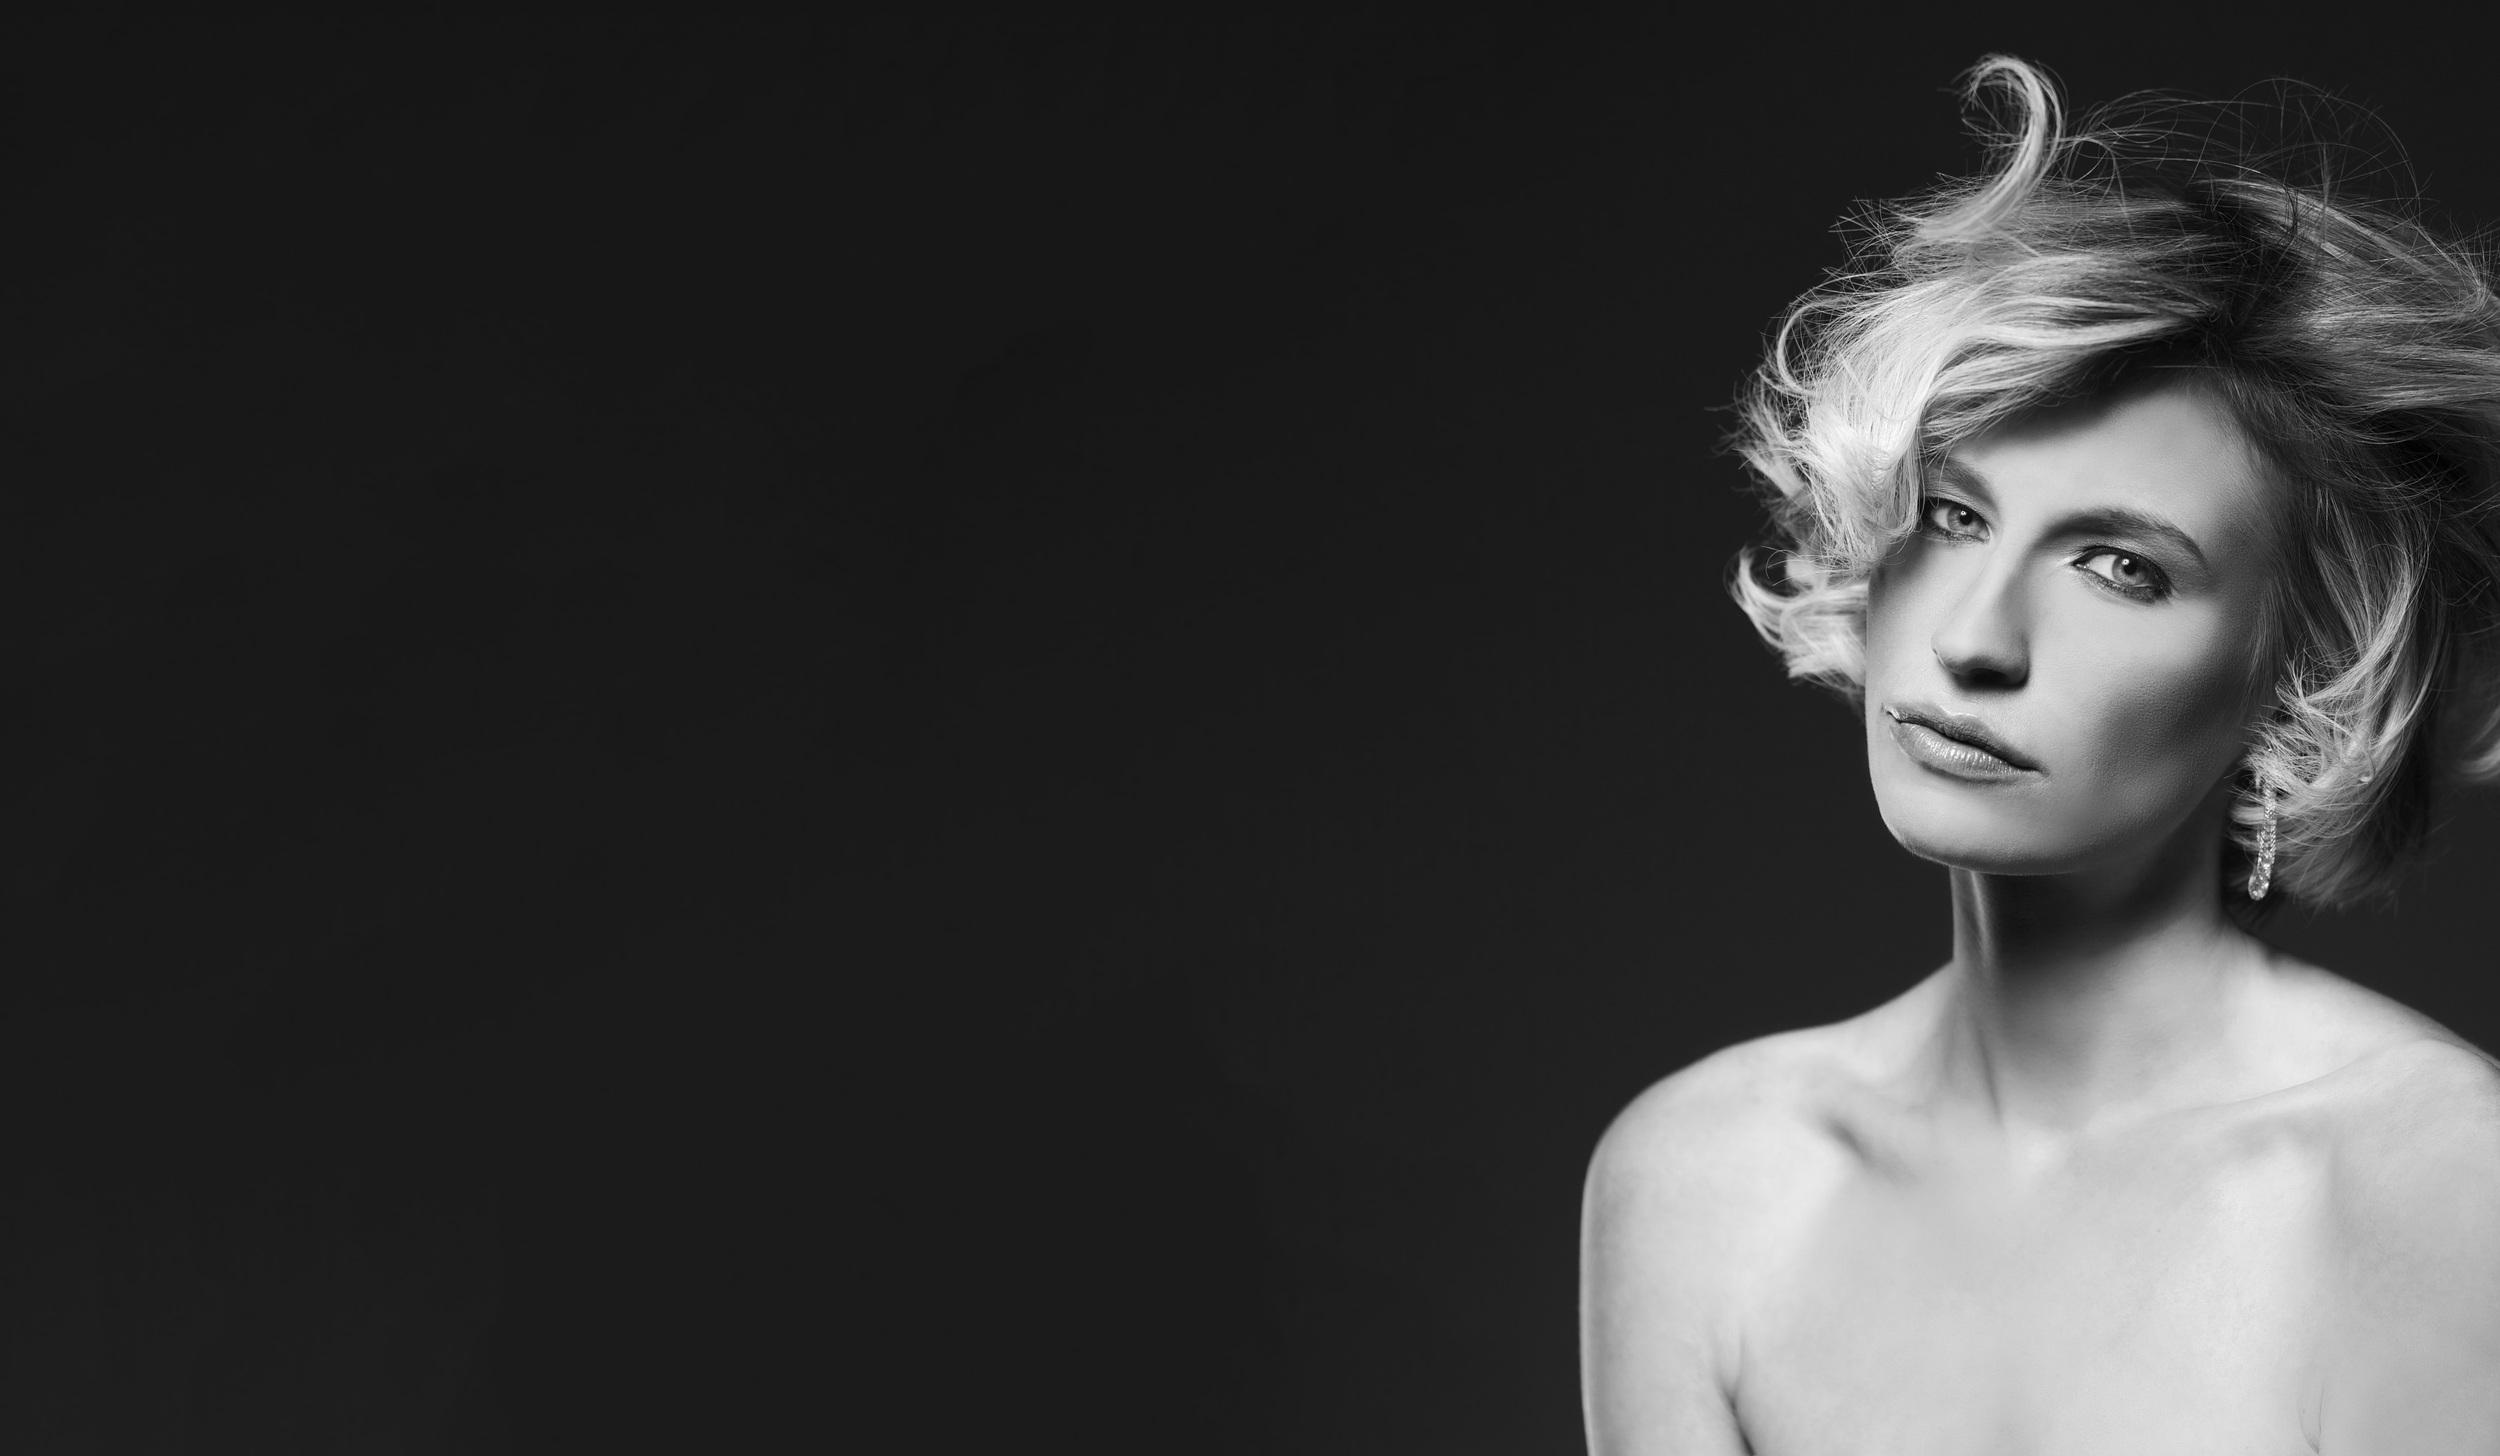 Modeaufnahmen München, Modefotograf Fotoshooting Fashionshooting, Beautyshooting, Fashionfotots und Breautyfotos in Landshut und München Gutschein für Frauen